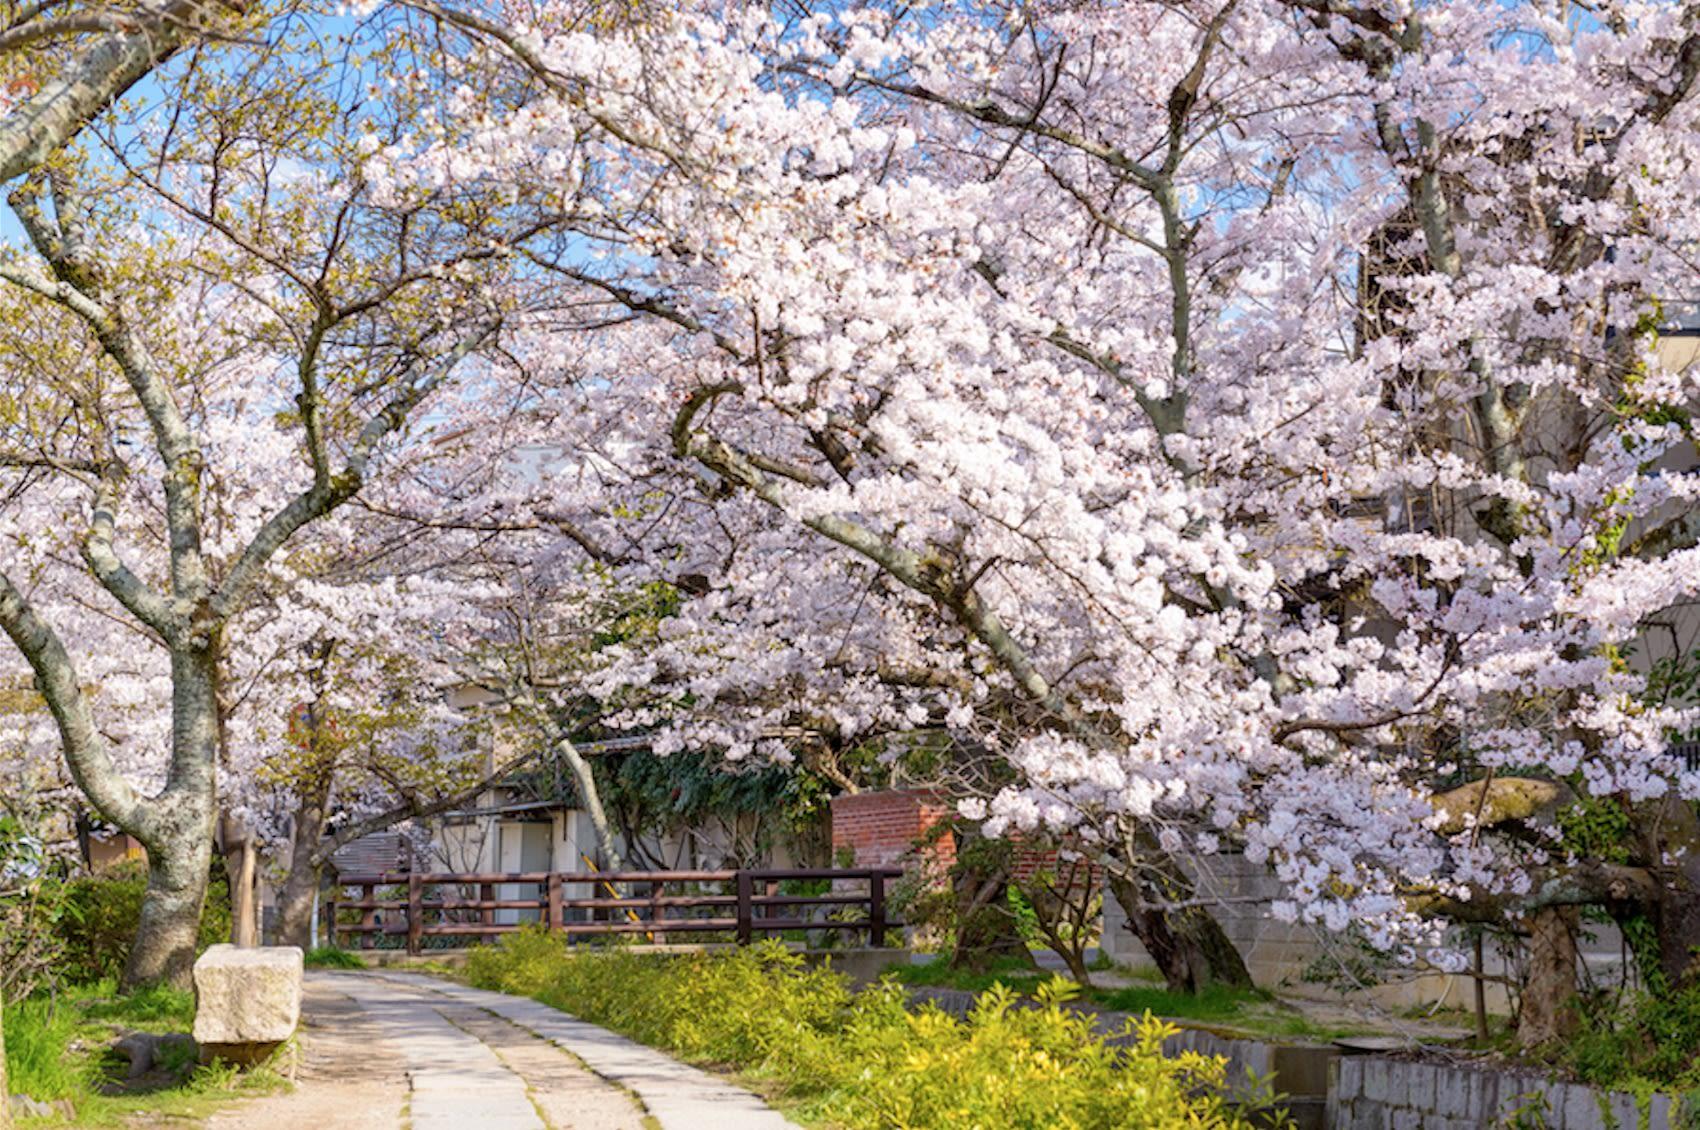 Kyoto Cherry Blossom